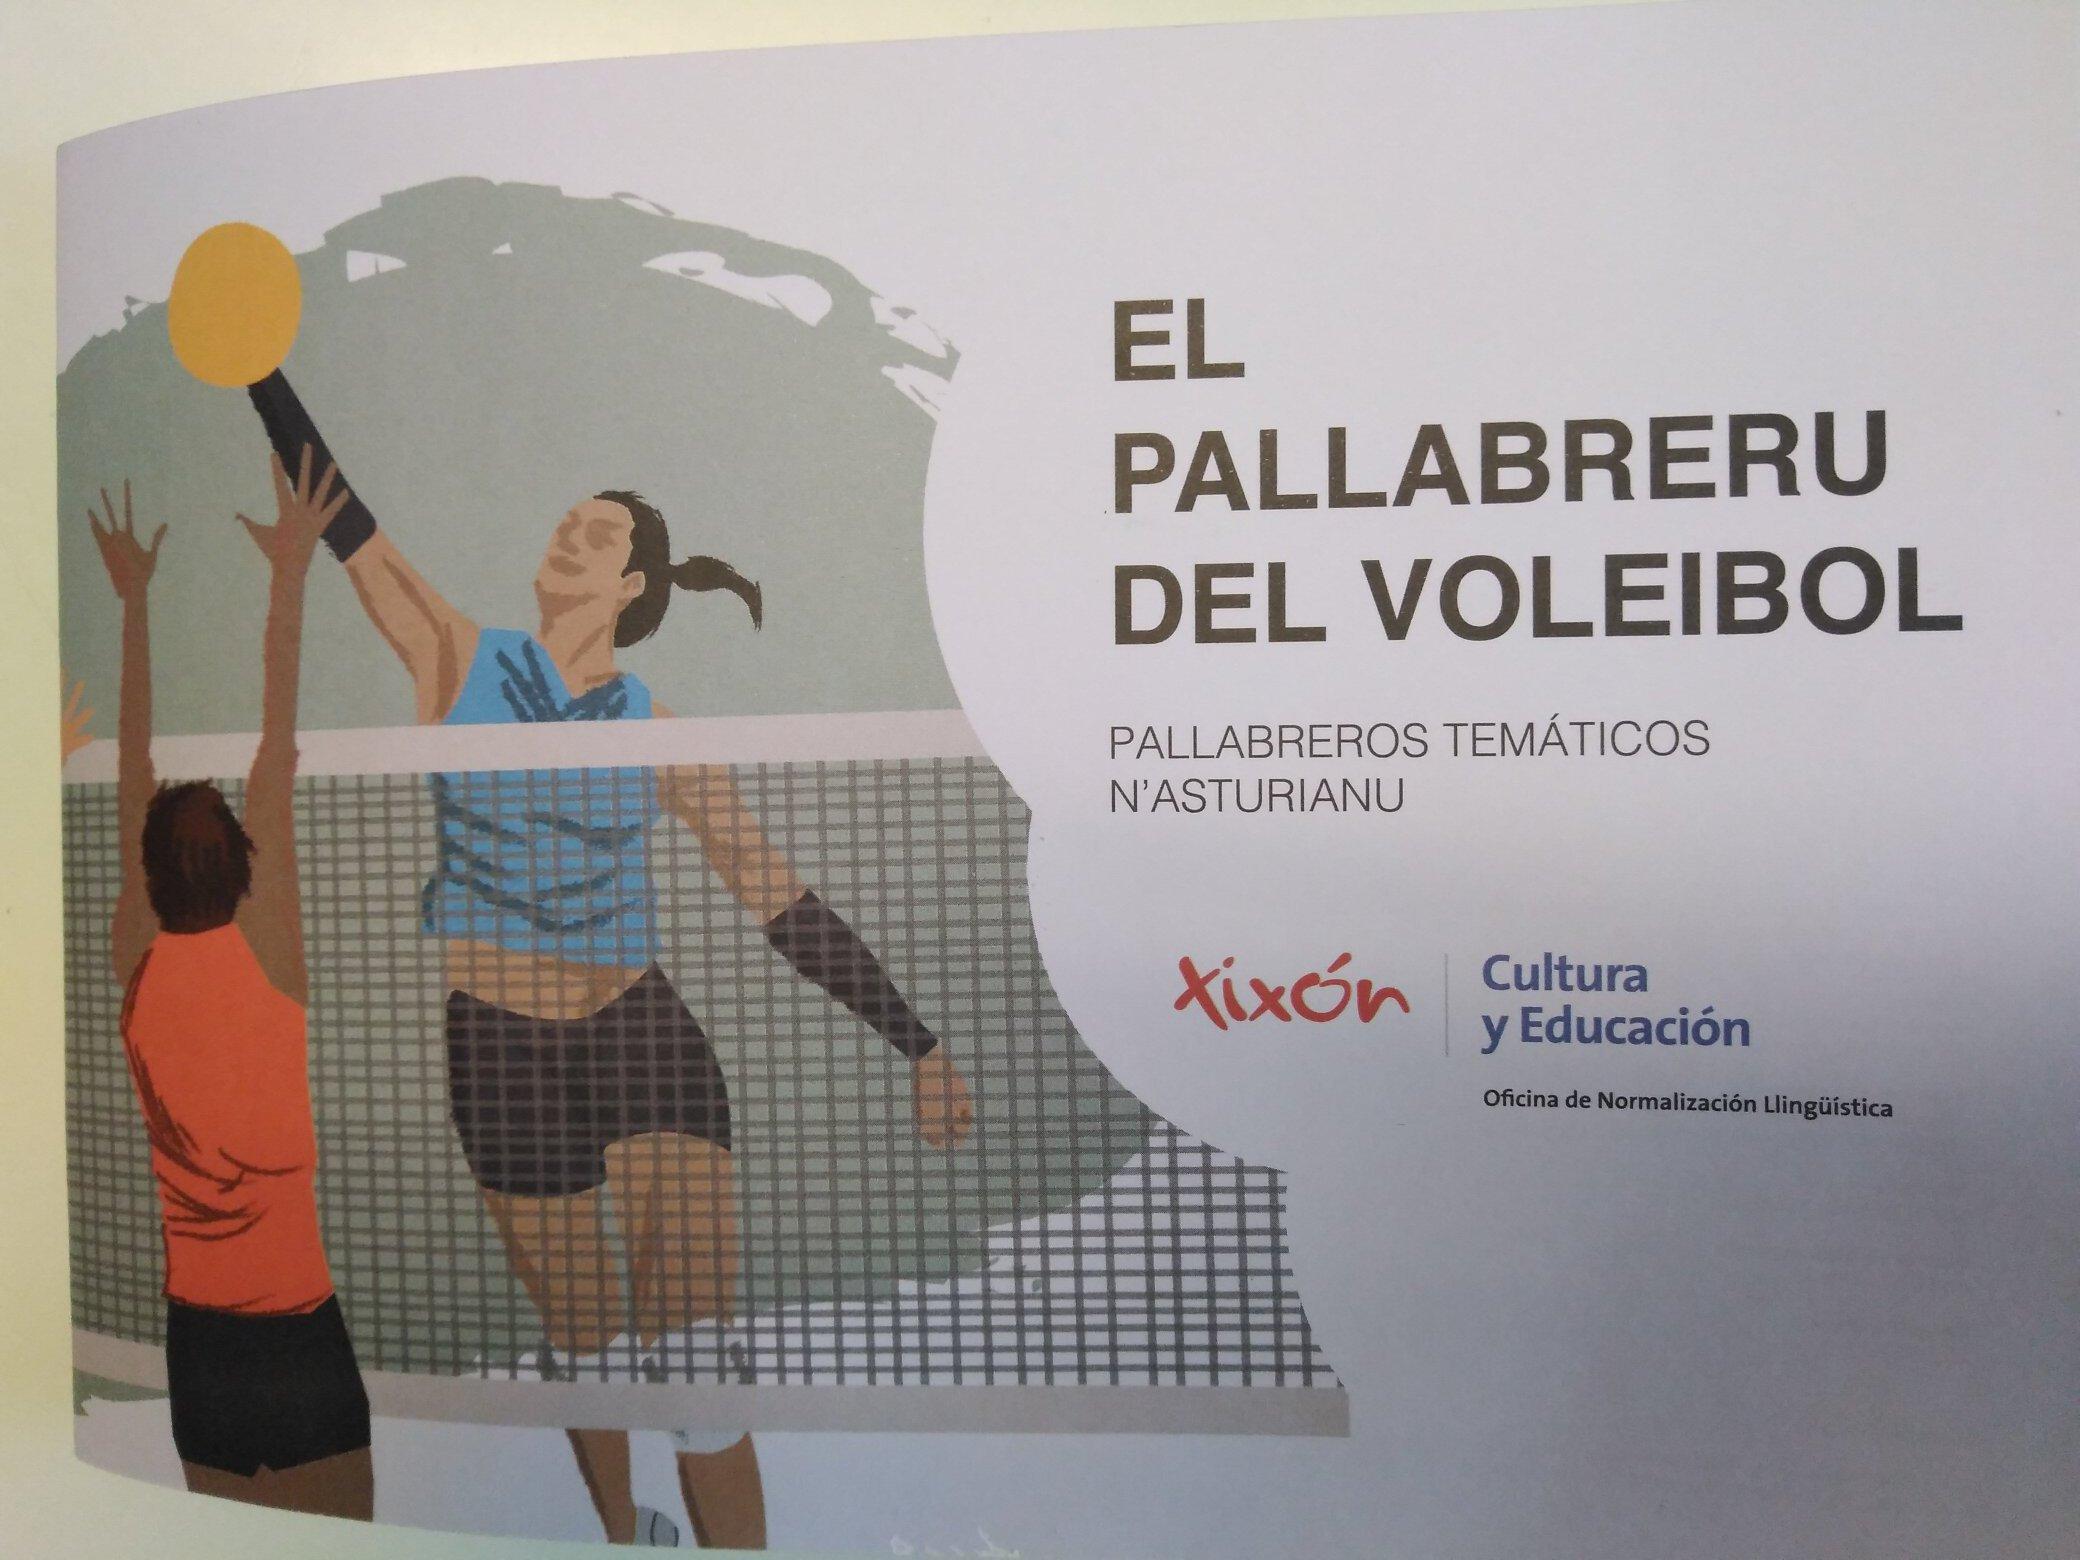 El Pallabreru del Voleibol